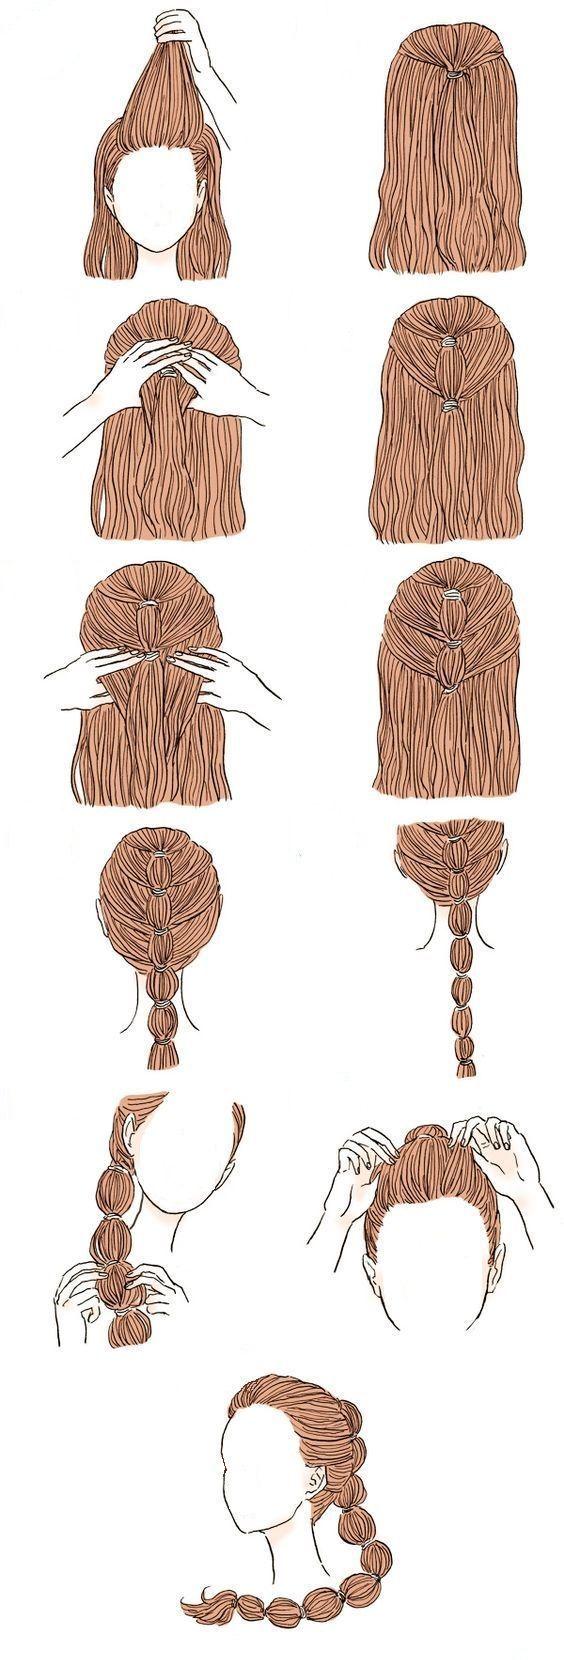 Hair Styles For School Hair Styles For School Pinterest : GreenTea CakeRoll #hai…